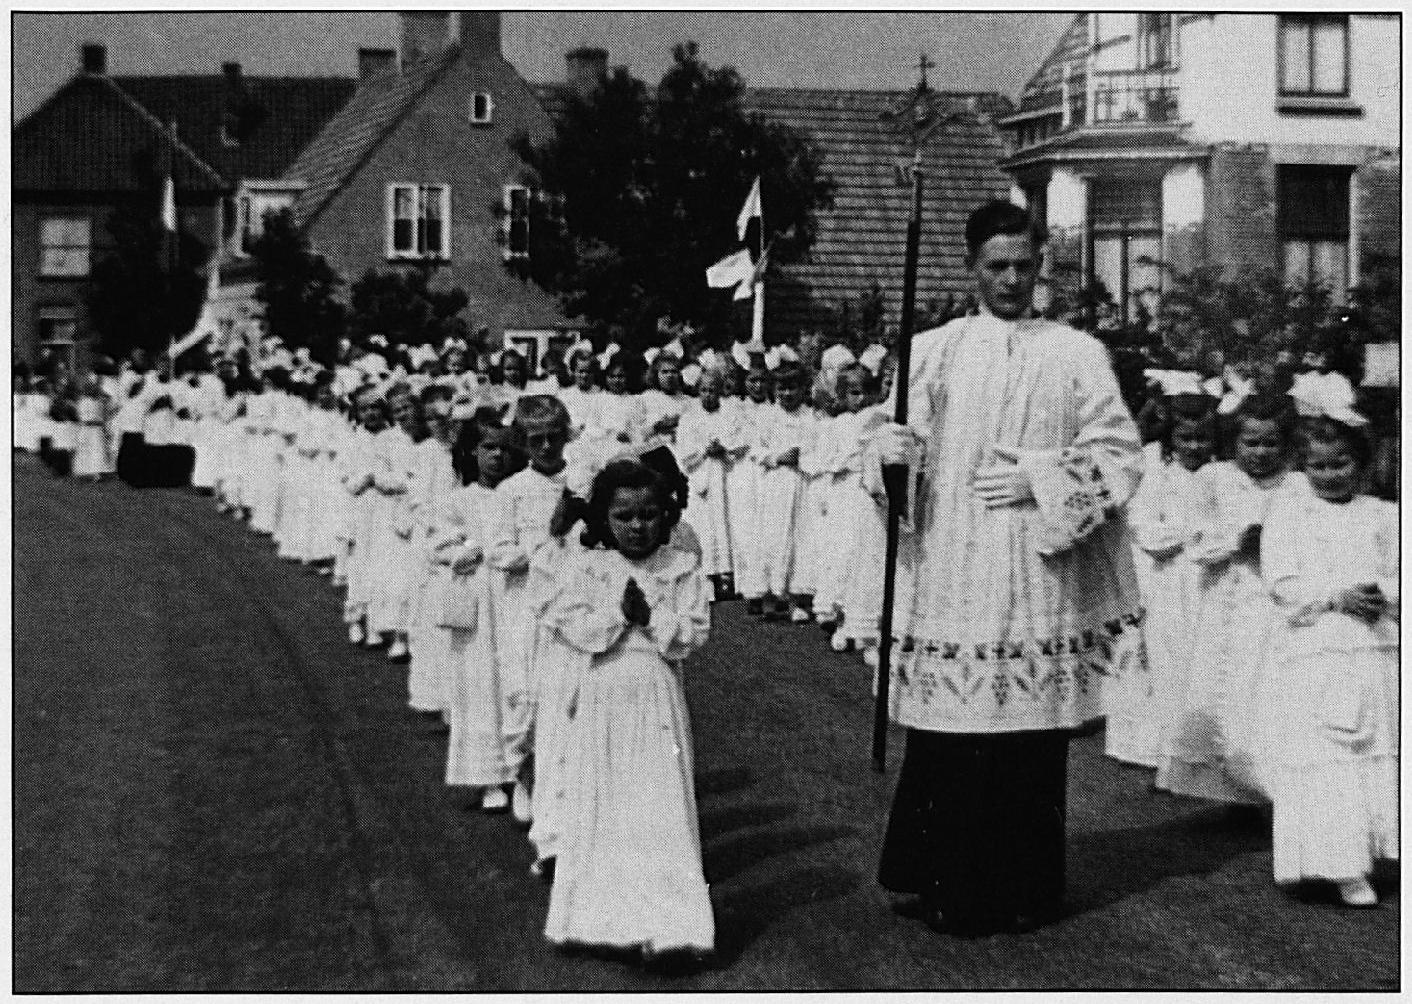 De sacramentsprocessie die ieder jaar op de tweede zondag na Pinksteren werd gehouden.